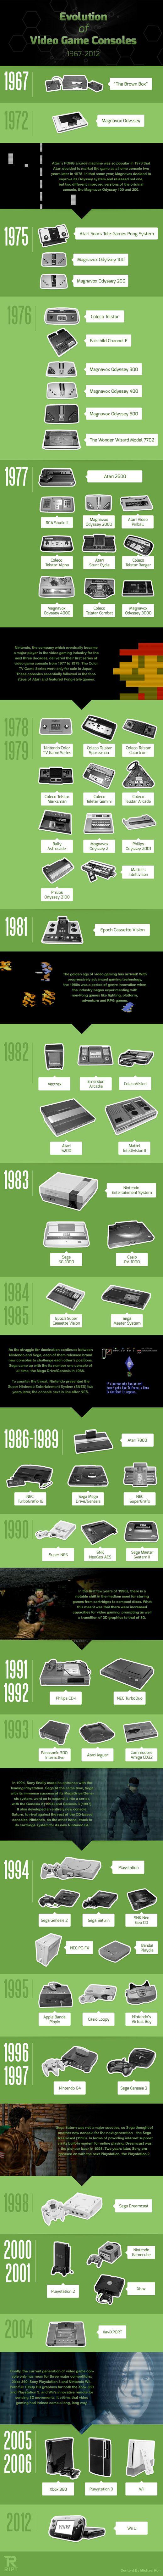 Infographie : 45 ans de jeu vidéo en 75 consoles